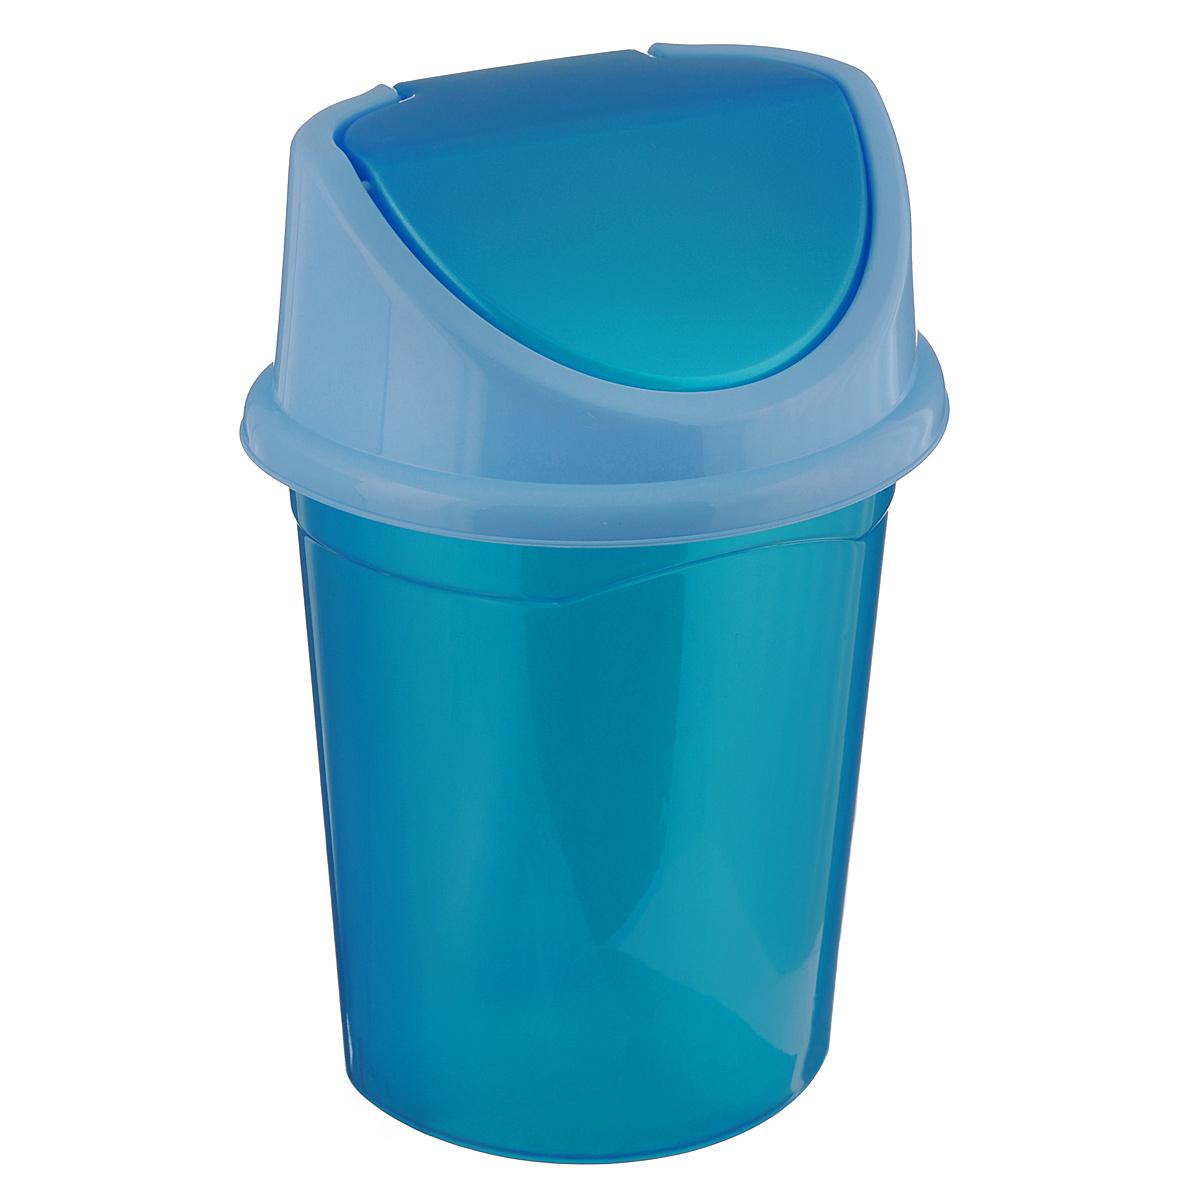 Контейнер для мусора Violet, цвет: бирюзовый, голубой, 14 лS03301004Контейнер для мусора Violet изготовлен из прочного пластика. Контейнер снабжен удобной съемной крышкой с подвижной перегородкой. В нем удобно хранить мелкий мусор. Благодаря лаконичному дизайну такой контейнер идеально впишется в интерьер и дома, и офиса.Размер изделия: 29 см х 31,5 см х 45 см.